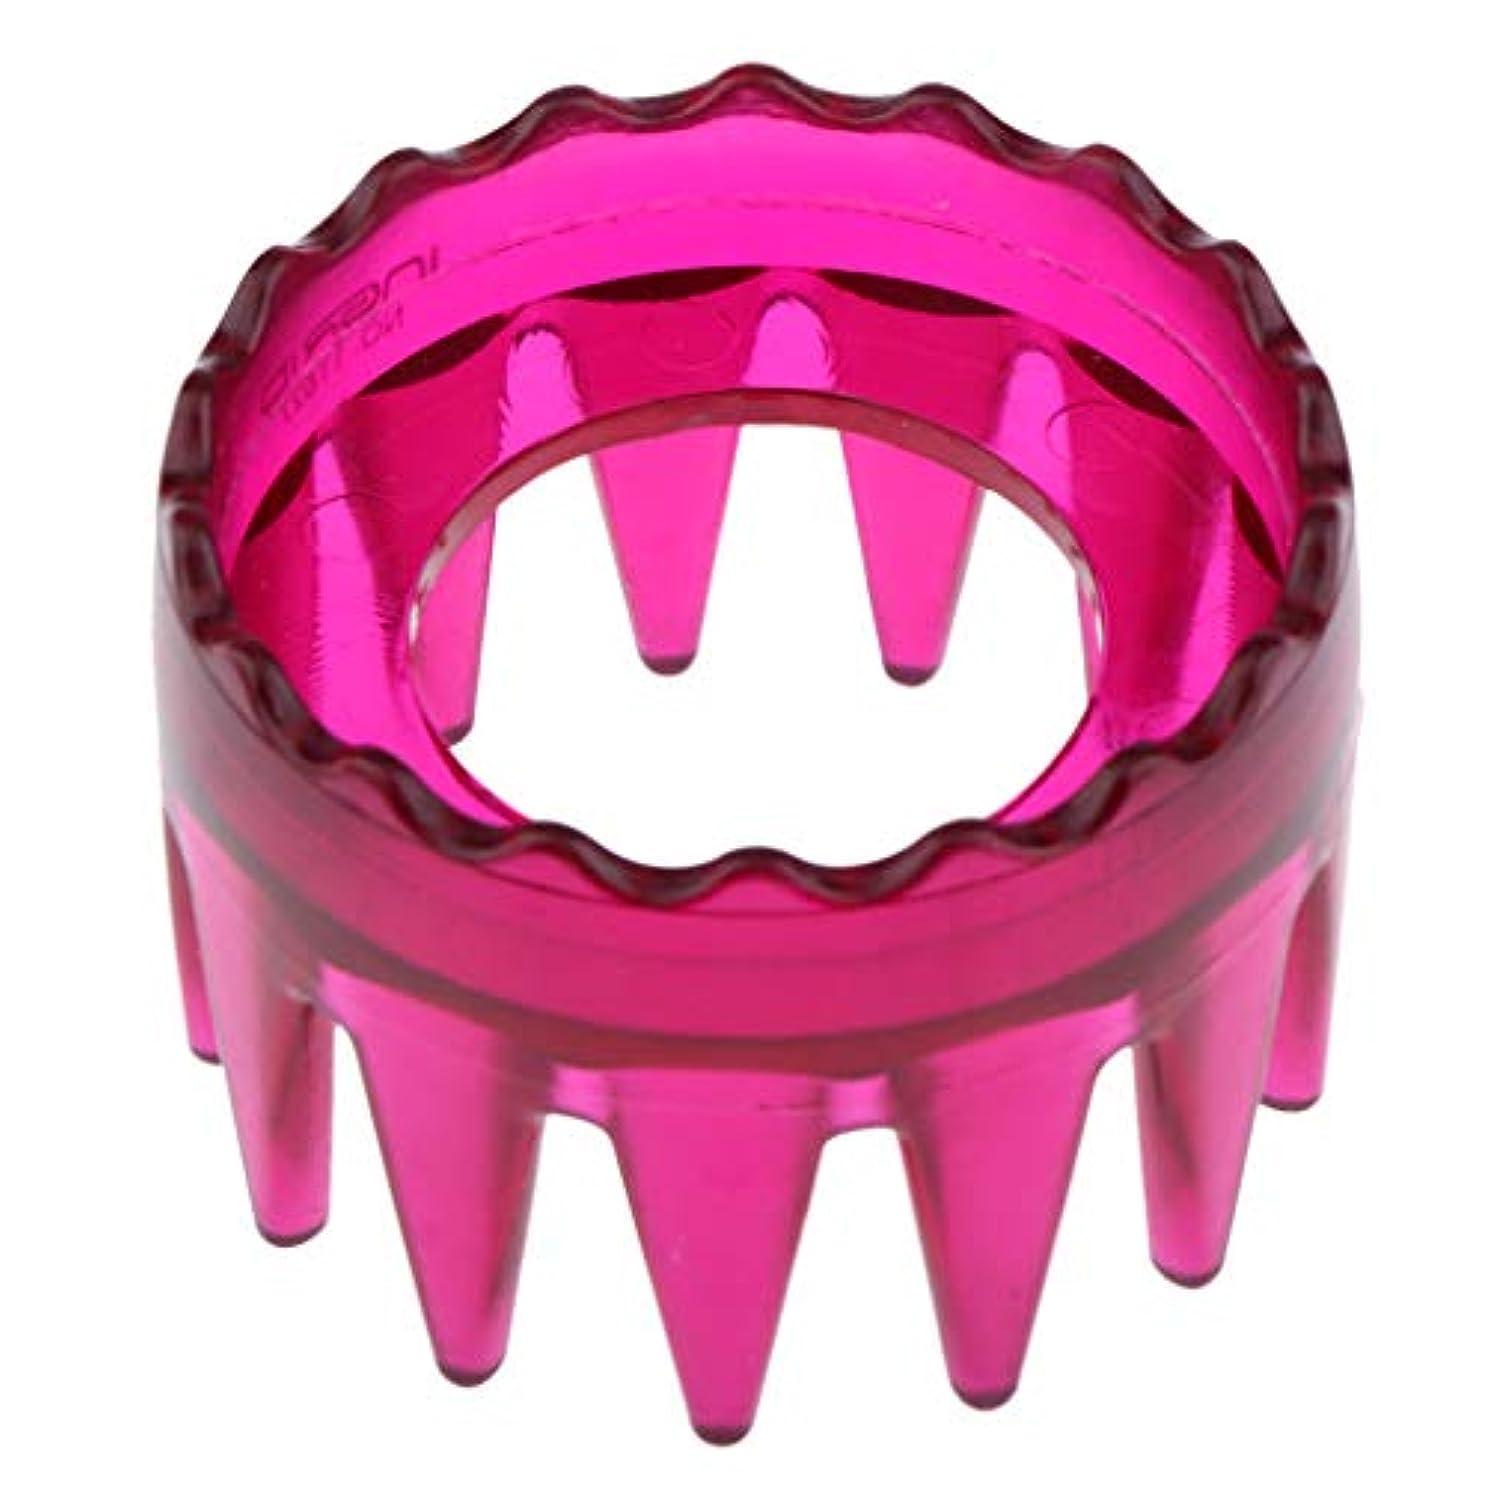 バランスのとれたラバ確保するDYNWAVE シャンプーブラシ 洗髪櫛 マッサージャー ヘアコーム ヘアブラシ プラスチック製 全4色 - ローズレッド